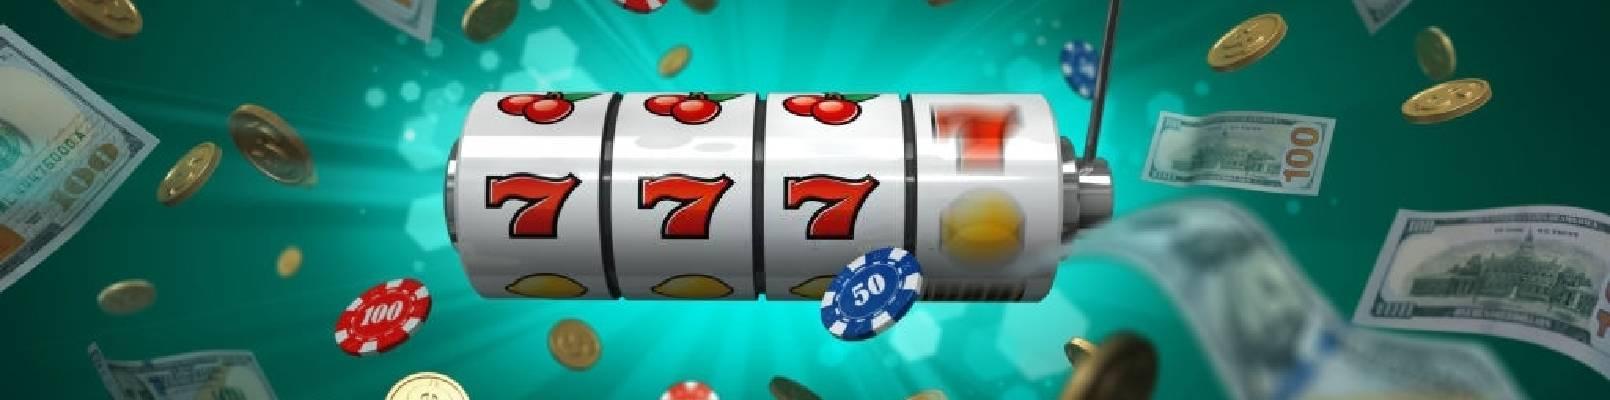 Slot Online Câștiguri Mari – Jocuri cu sloturi gratuite online